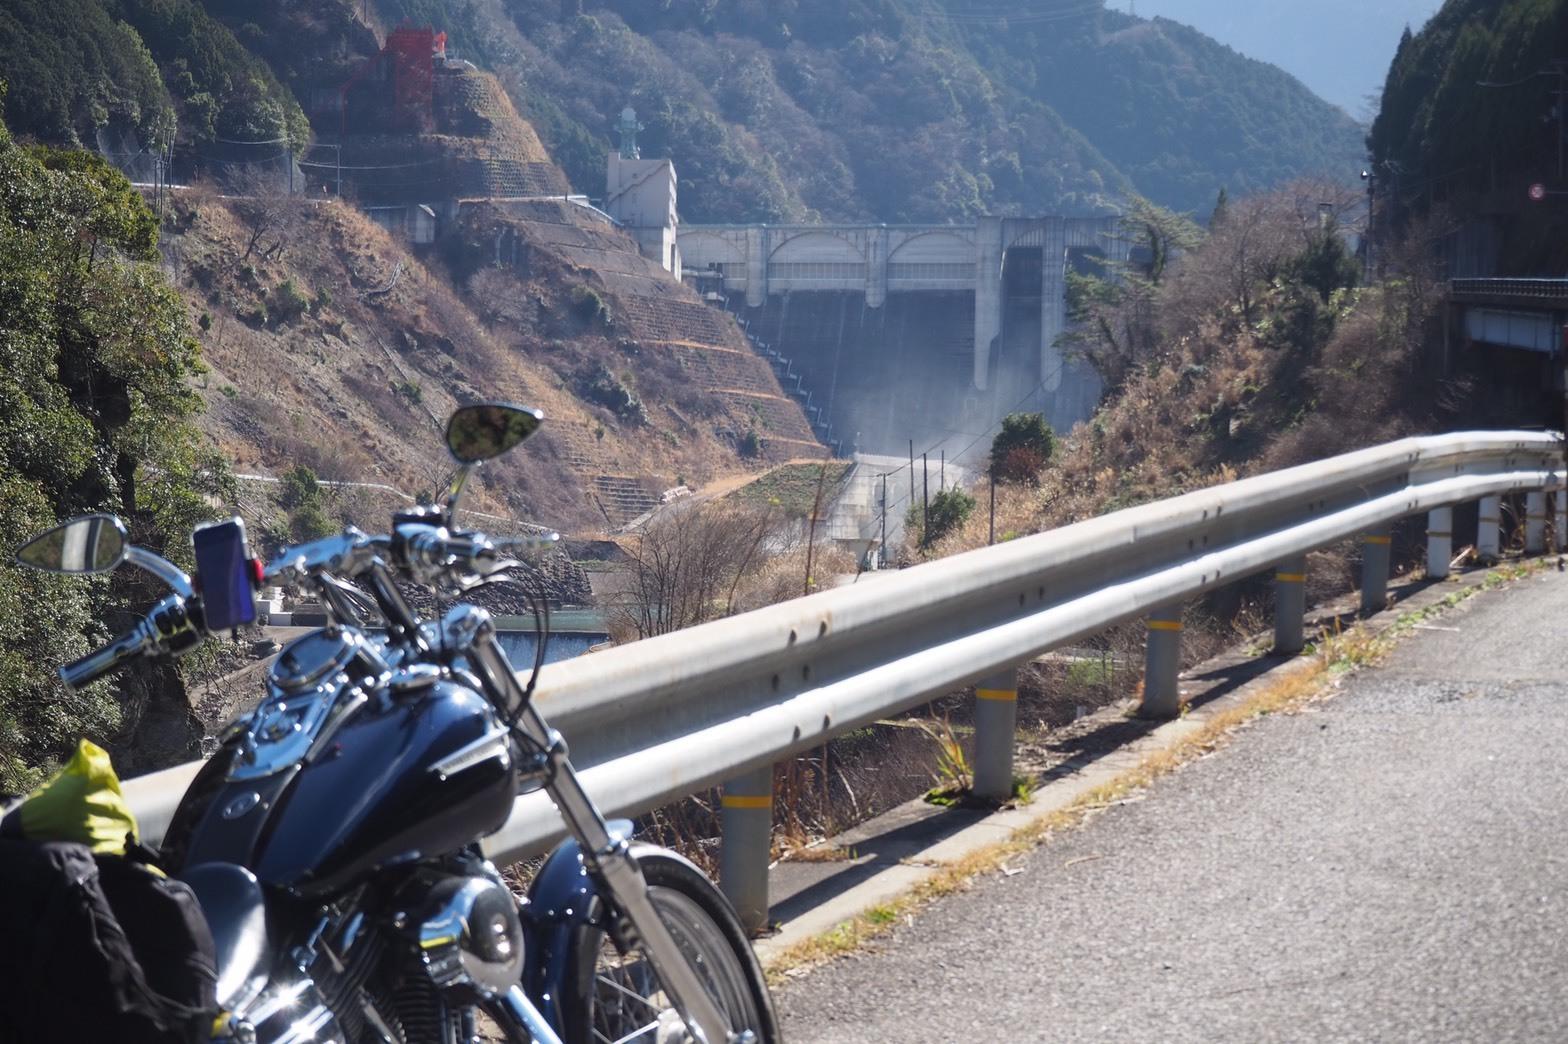 ぴーきち&ダイナ 紀伊半島ツーリング 169号線 大滝ダム